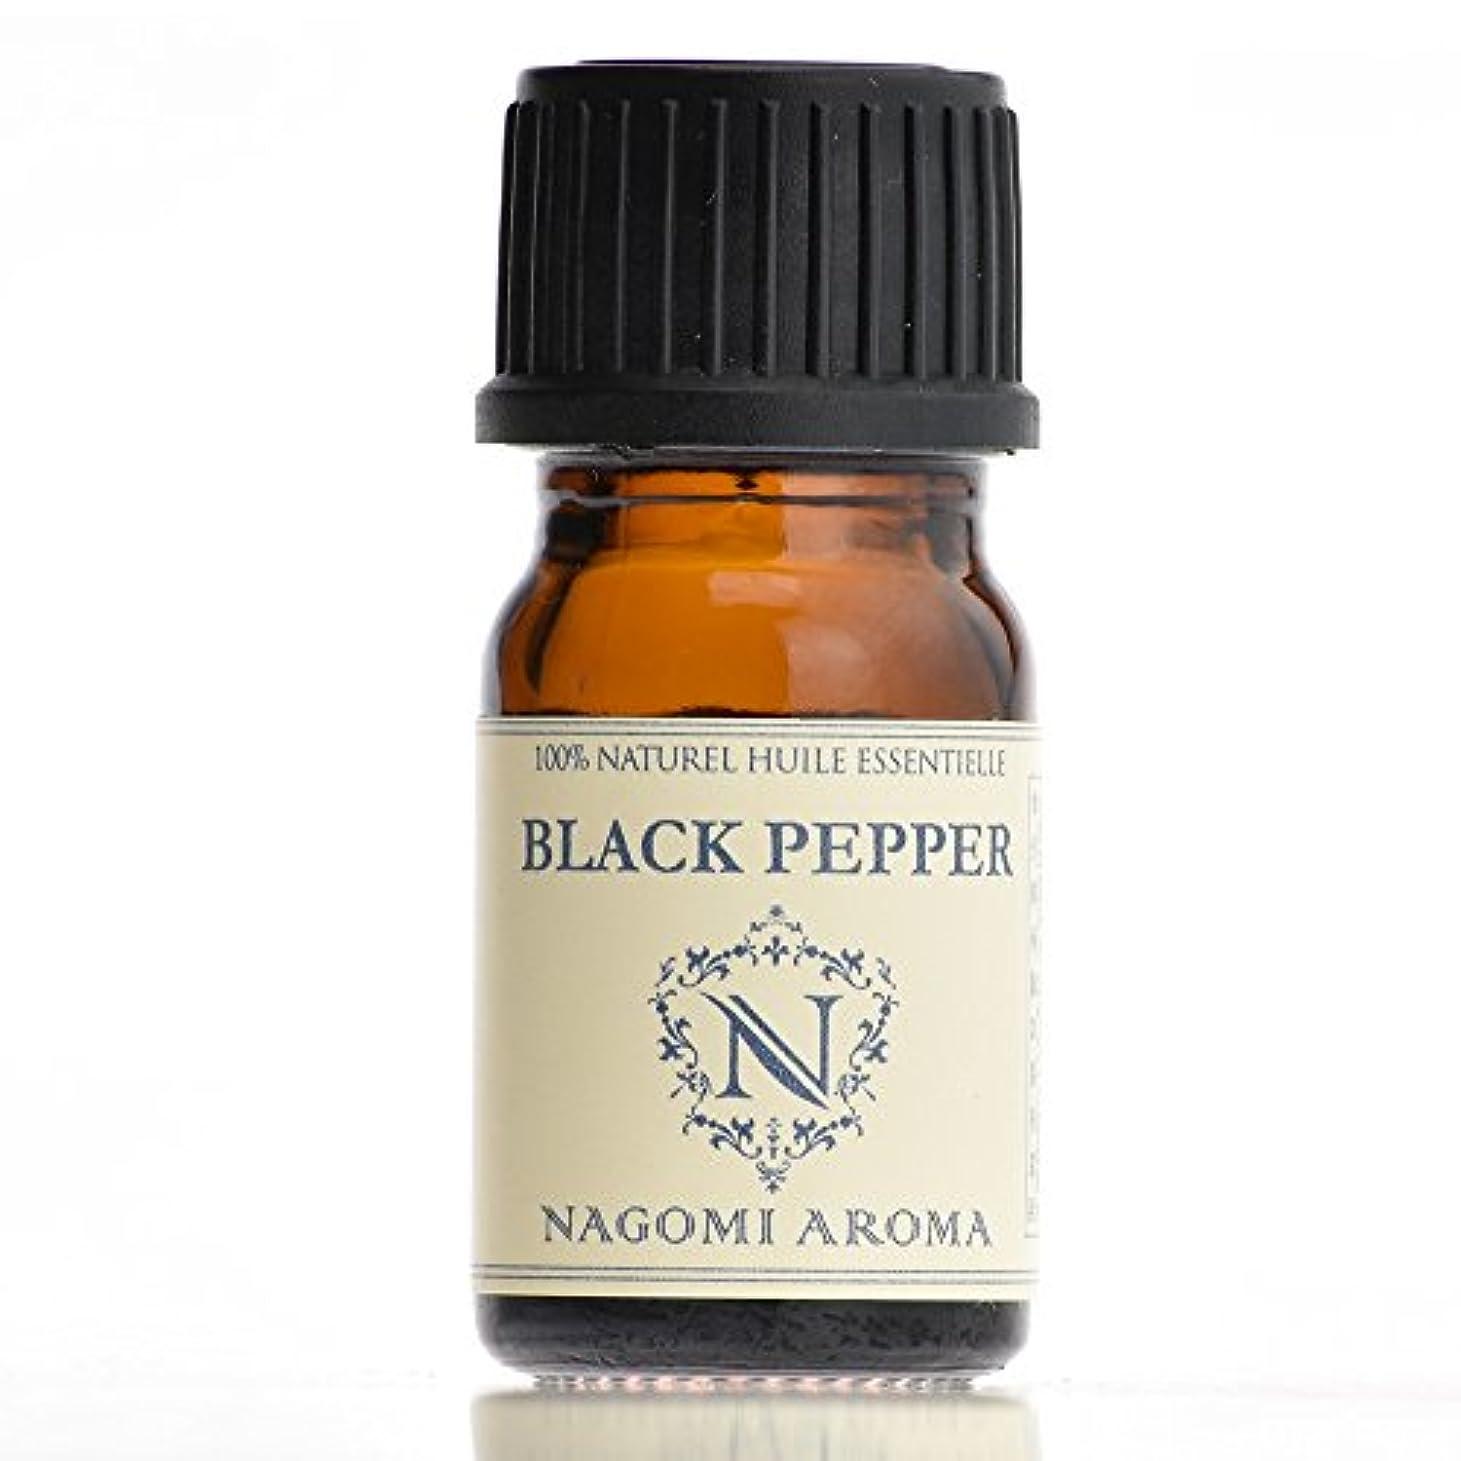 容疑者分数相談【AEAJ認定表示基準認定精油】NAGOMI PURE ブラックペッパー 5ml 【エッセンシャルオイル】【精油】【アロマオイル】|CONVOIL